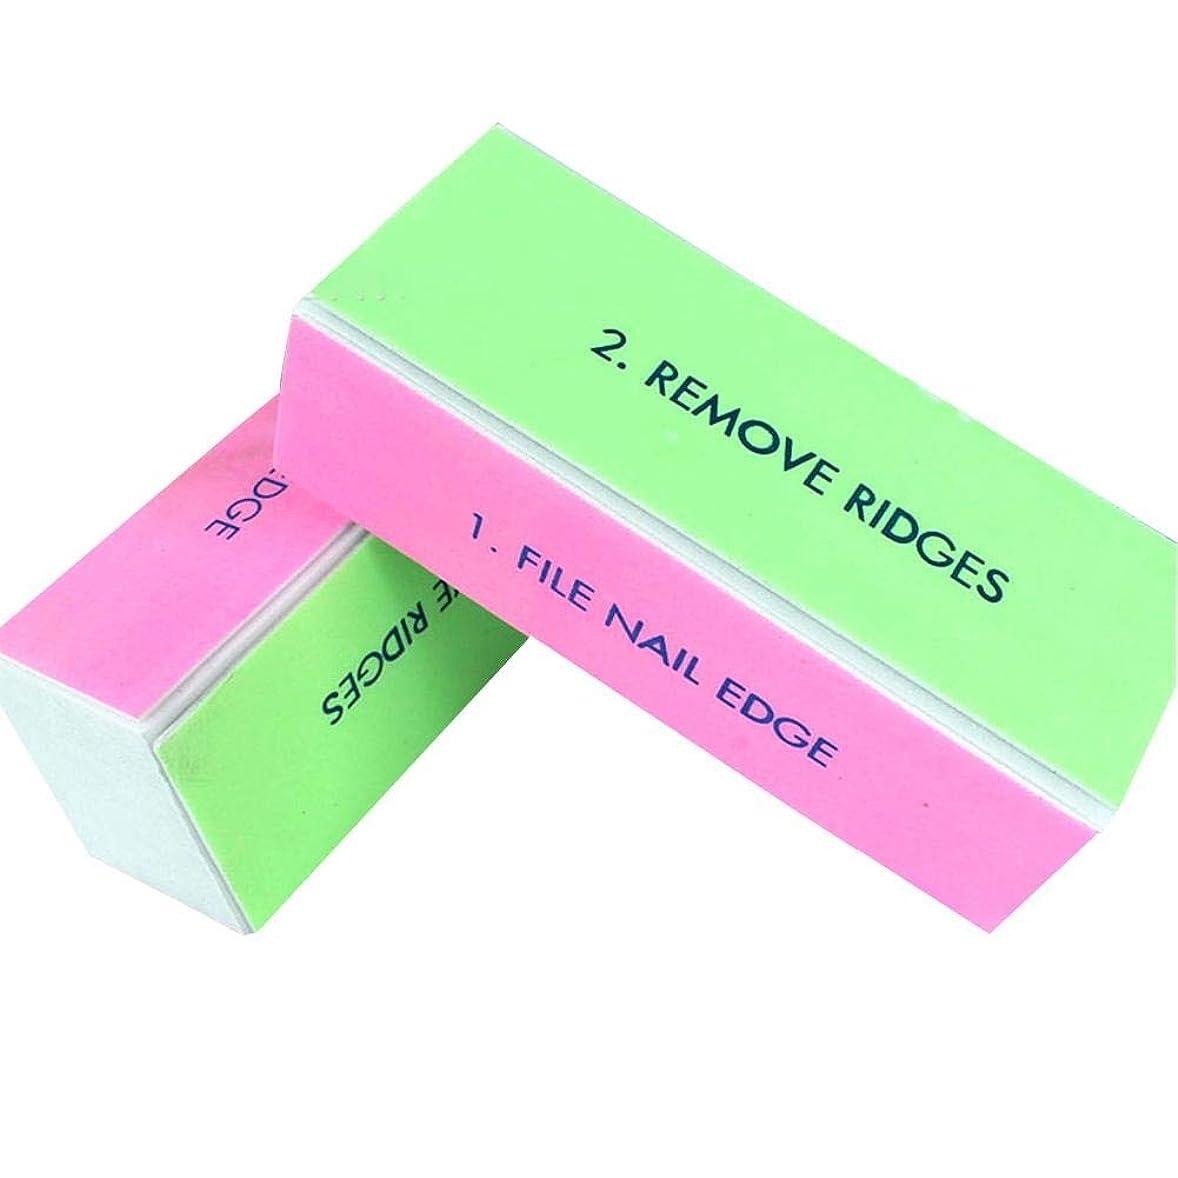 肌寒いシェルシャンプーネイルポリッシュブロック ネイルツール 4面研磨ブロック スポンジ製 マニキュアツール 5本セット ネイルアート マニキュア製品 junexi